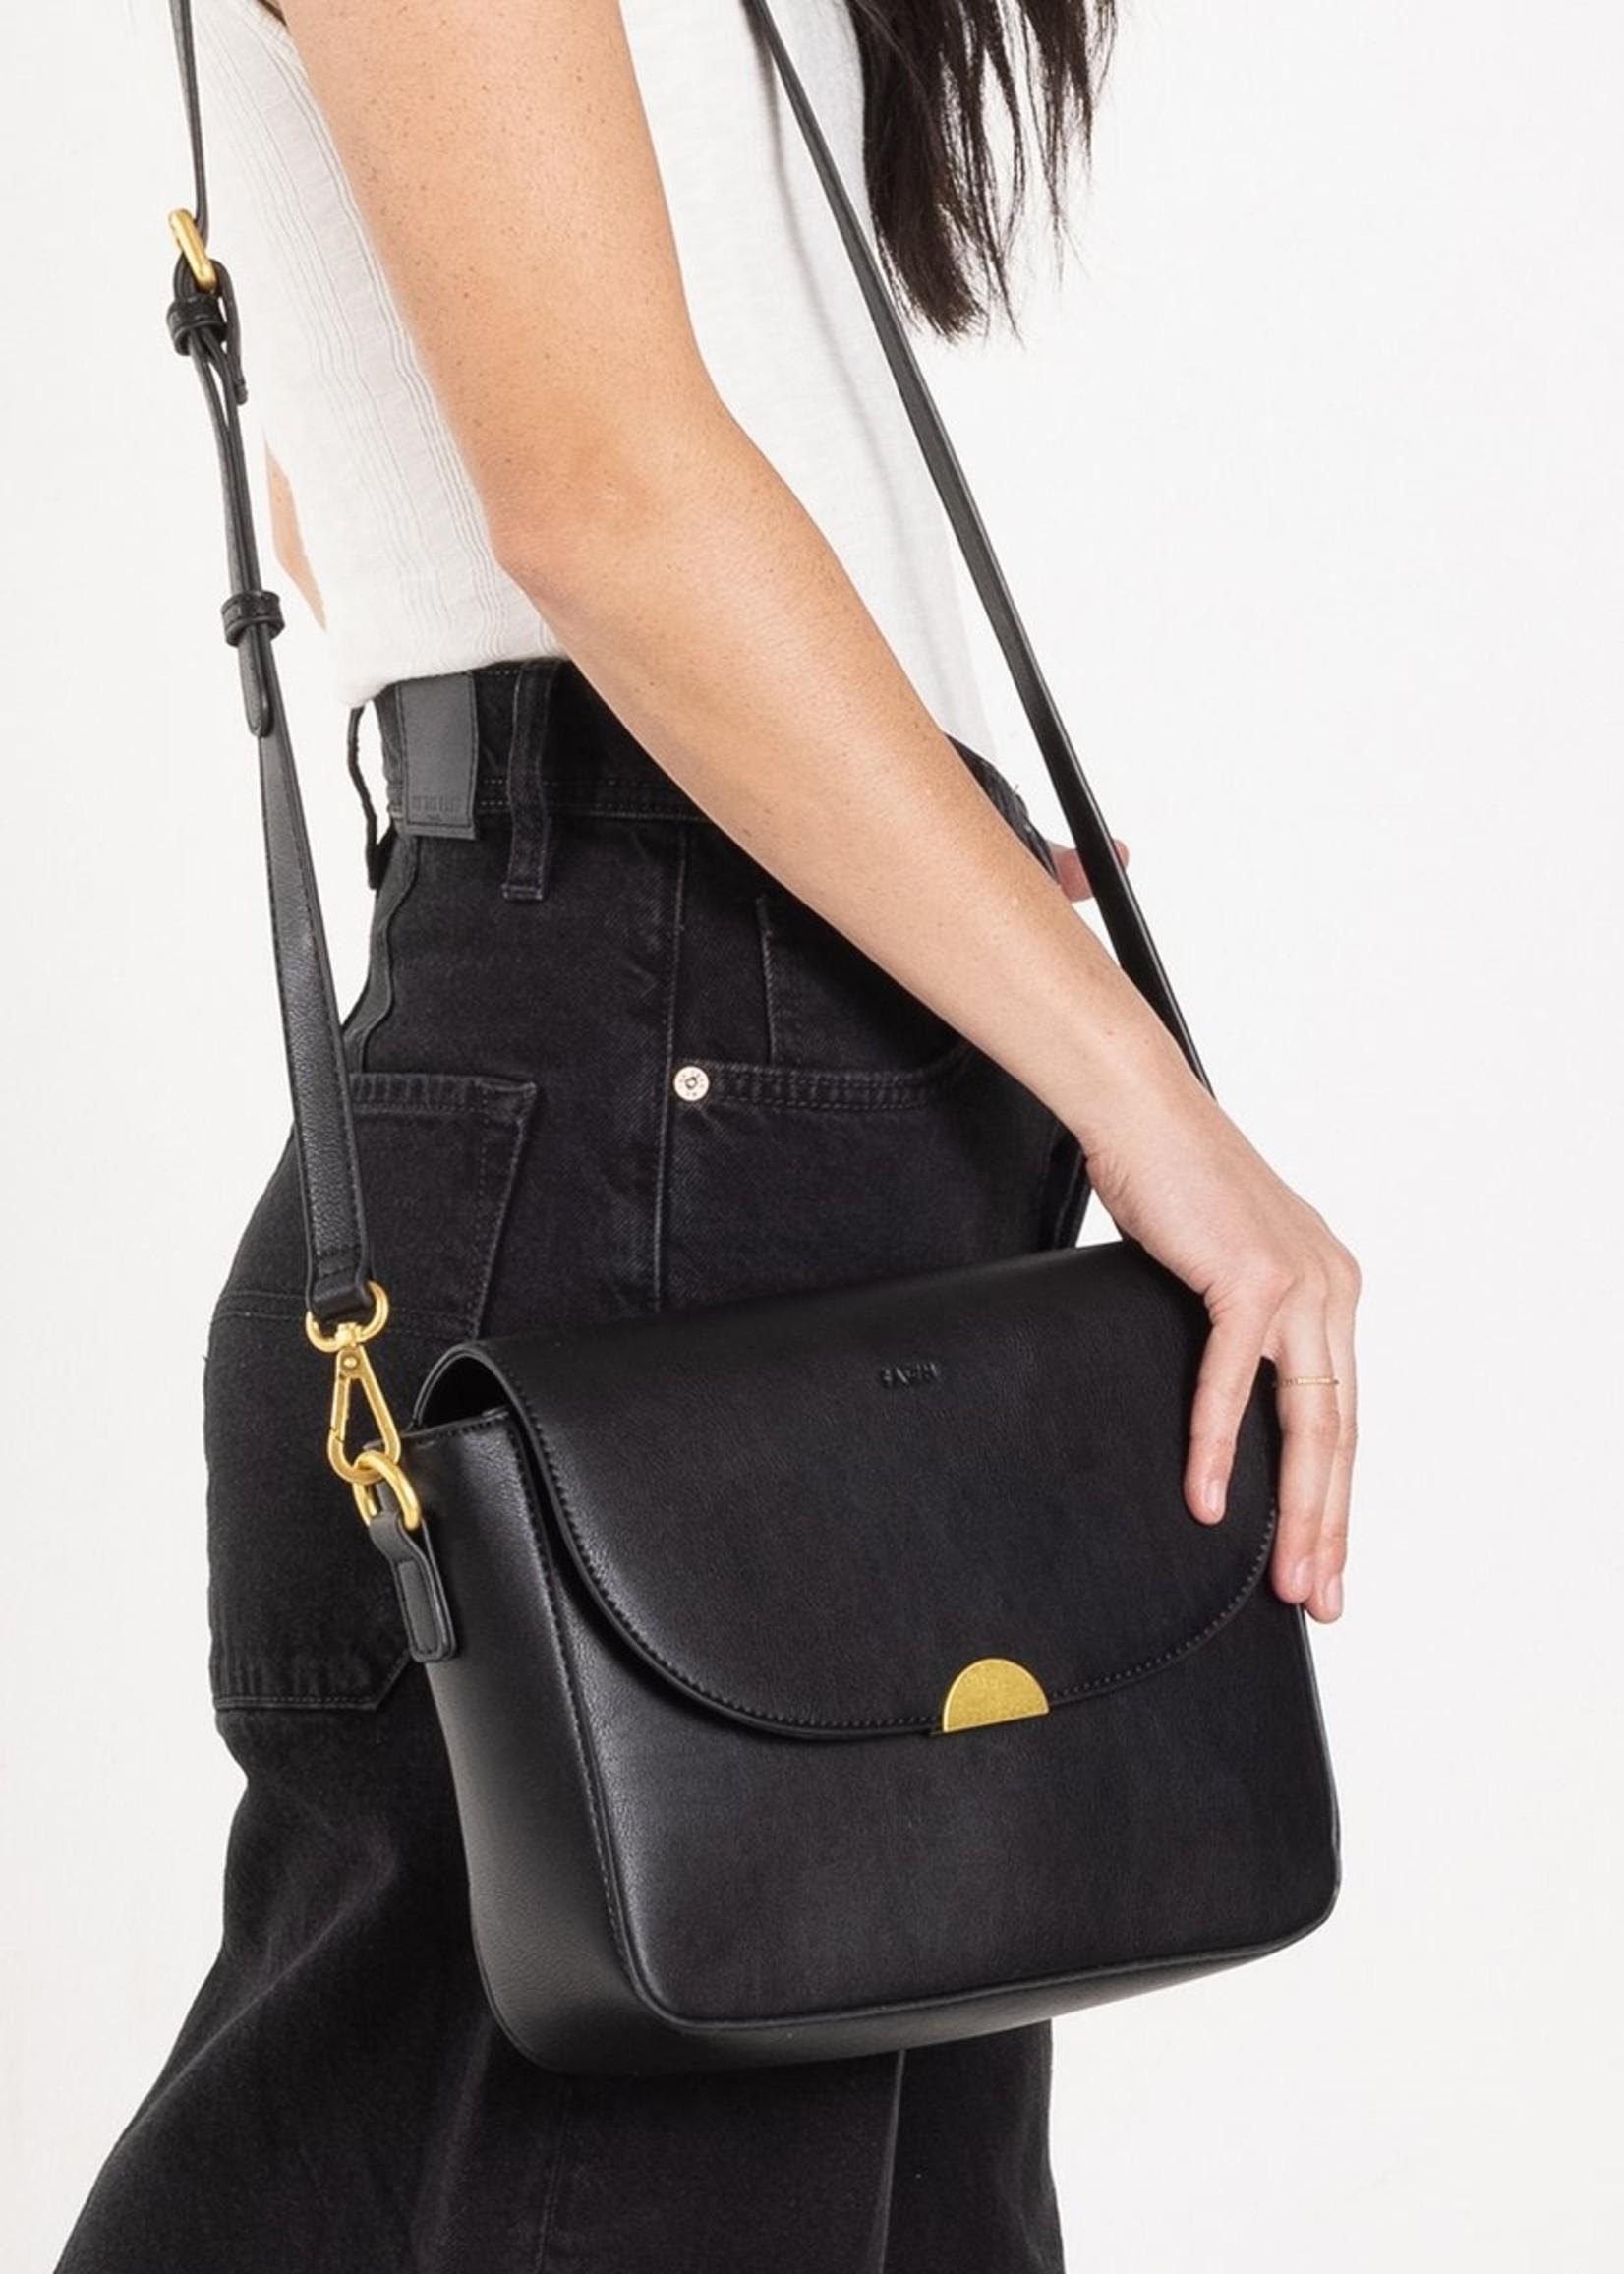 Fawn Design The Shoulder Bag